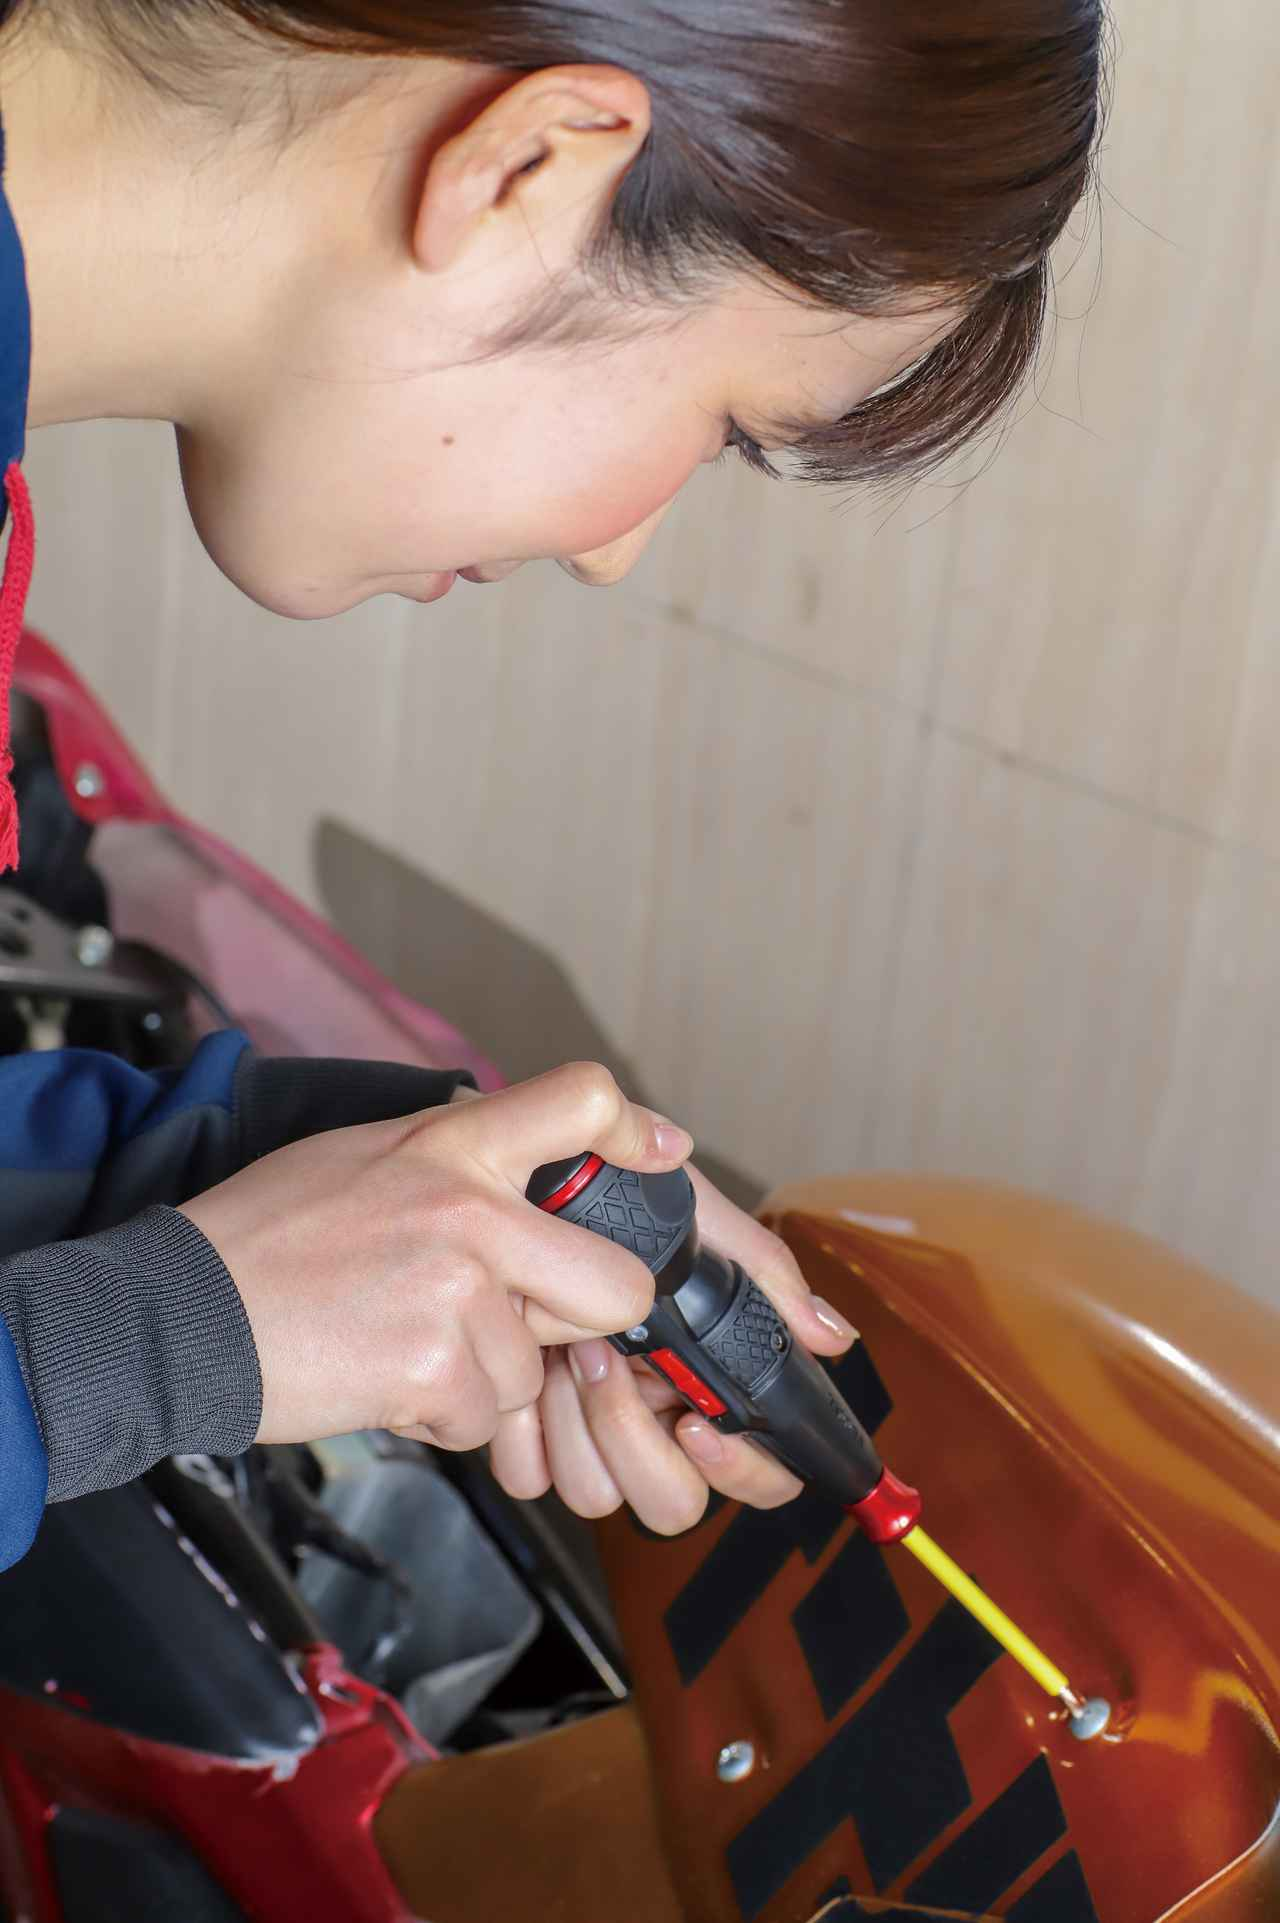 一本で電動の早締め、手動の本締めができる優れもの。ベッセル「電ドラボール」で作業時間を大幅短縮!